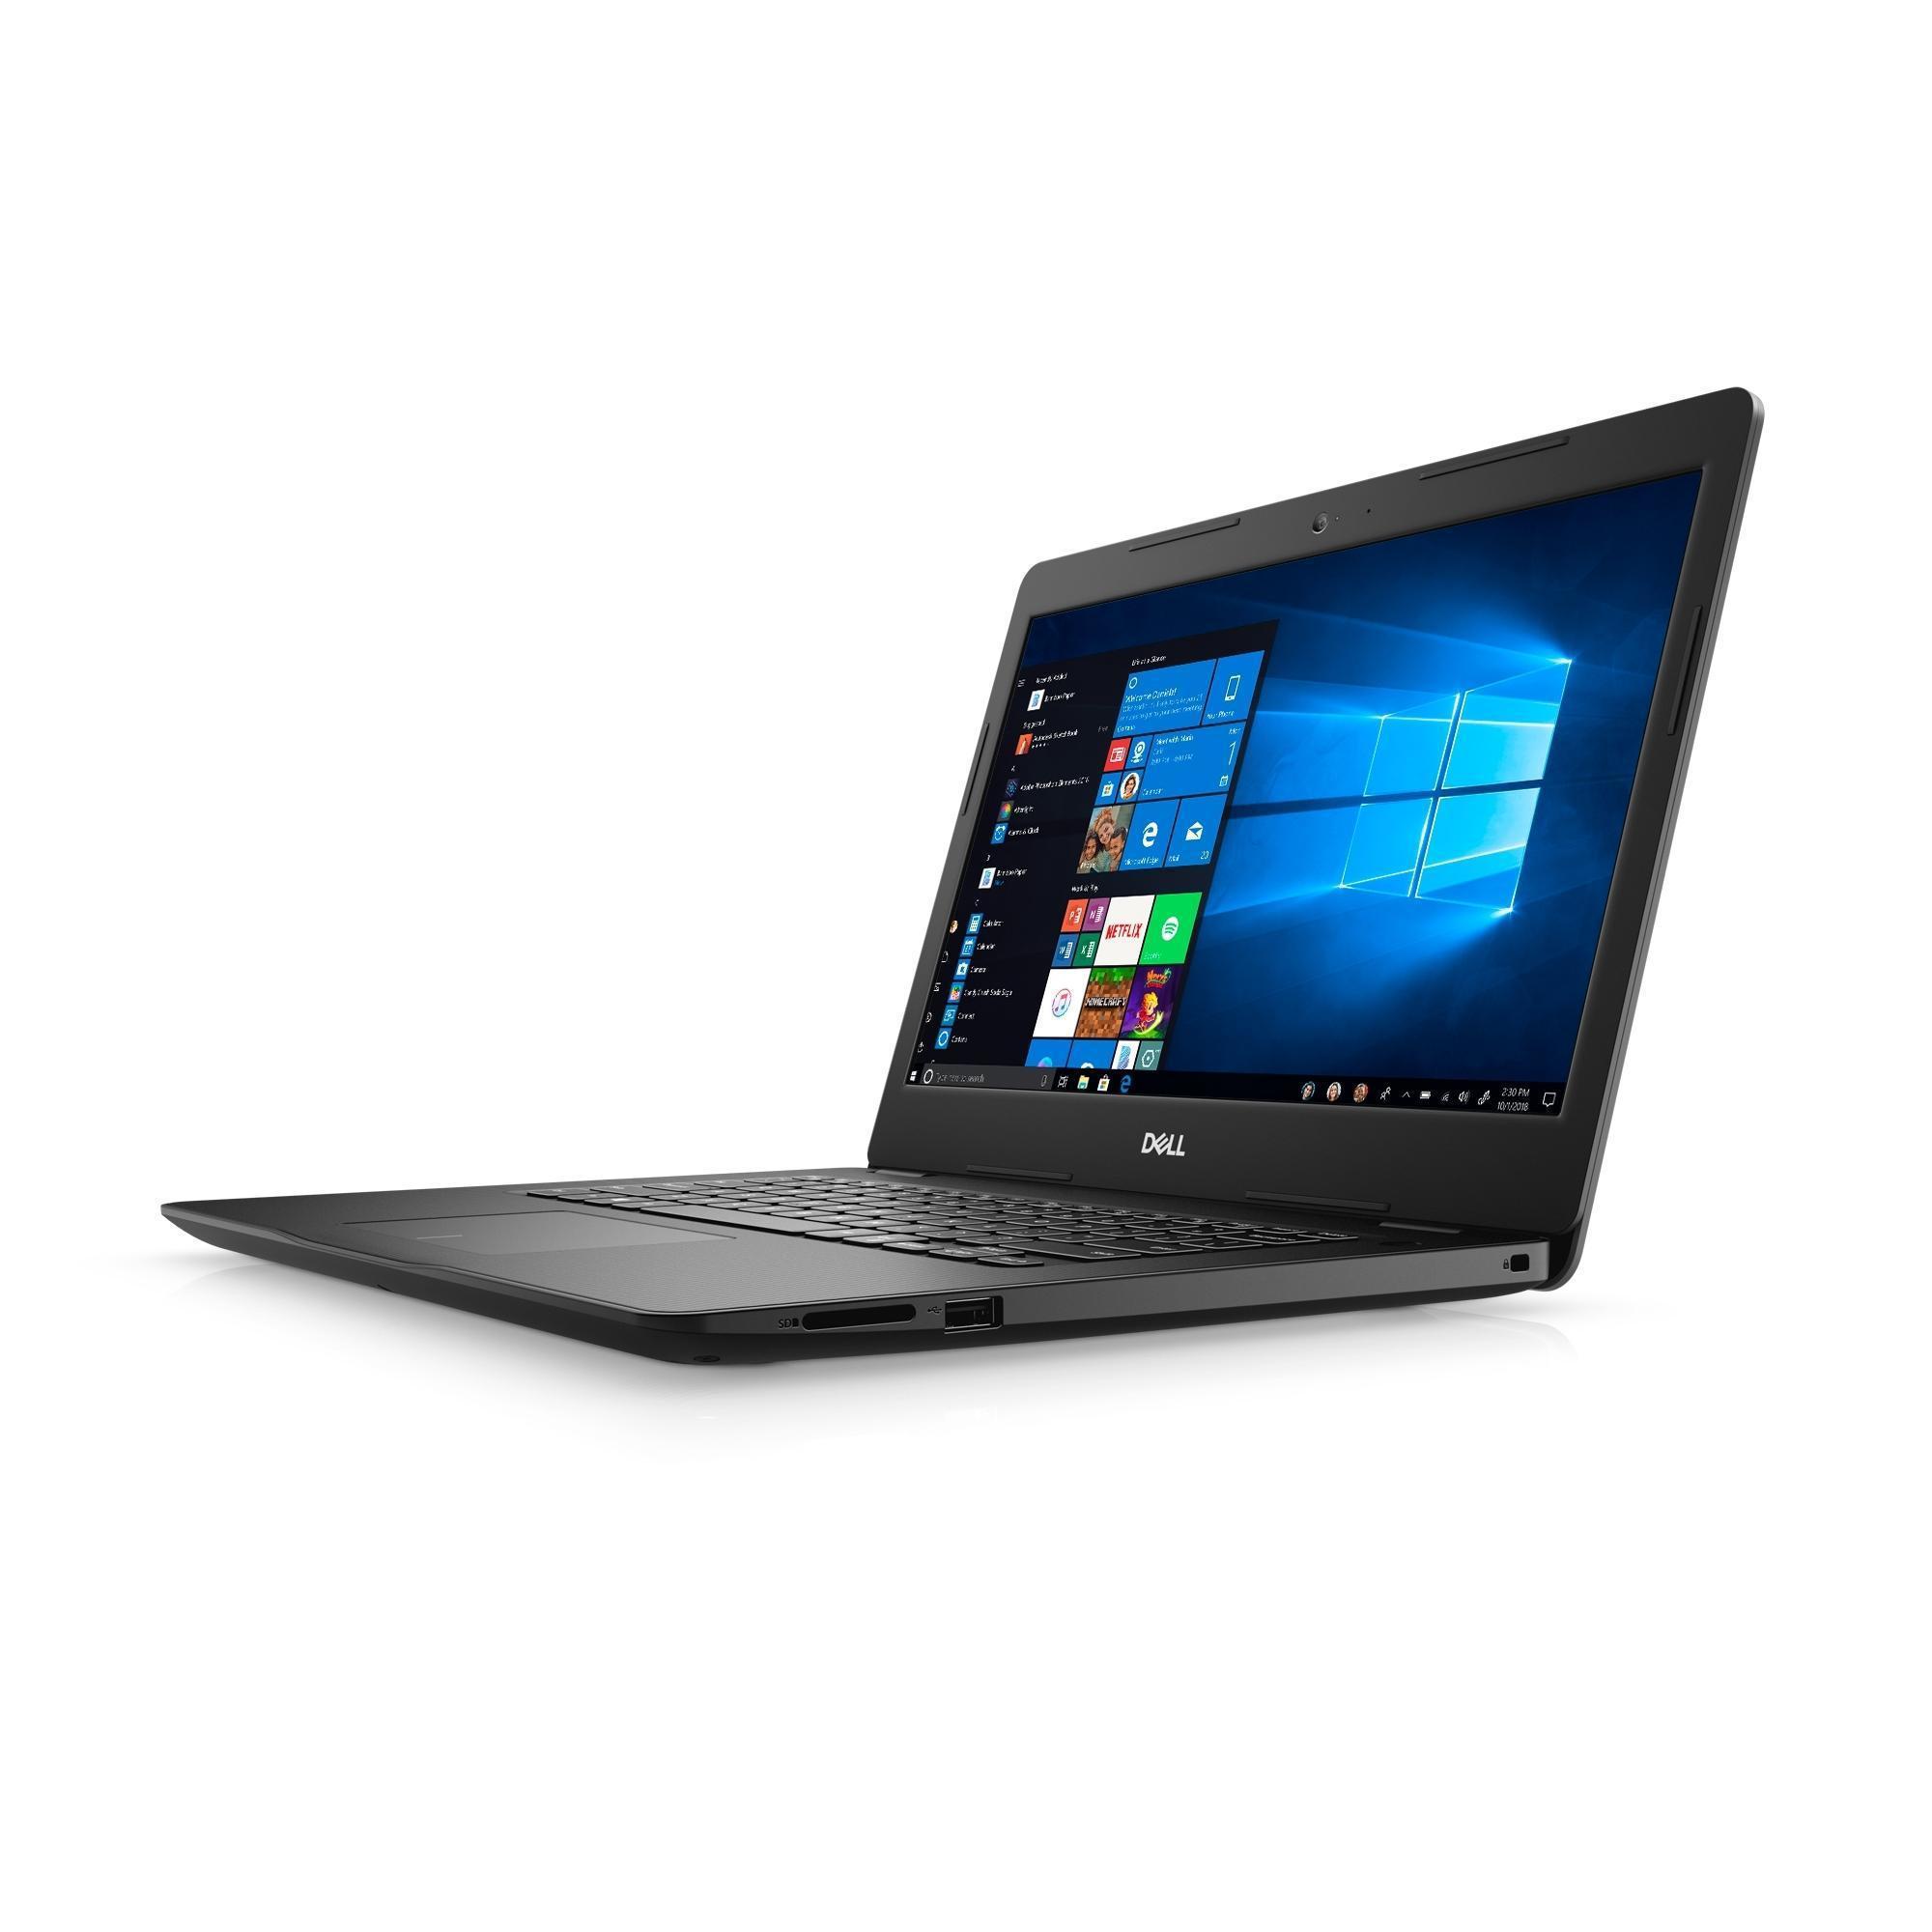 Dell Inspiron 3493 14-inch (2019) - Core i5-1035G4 - 8 GB - SSD 128 GB